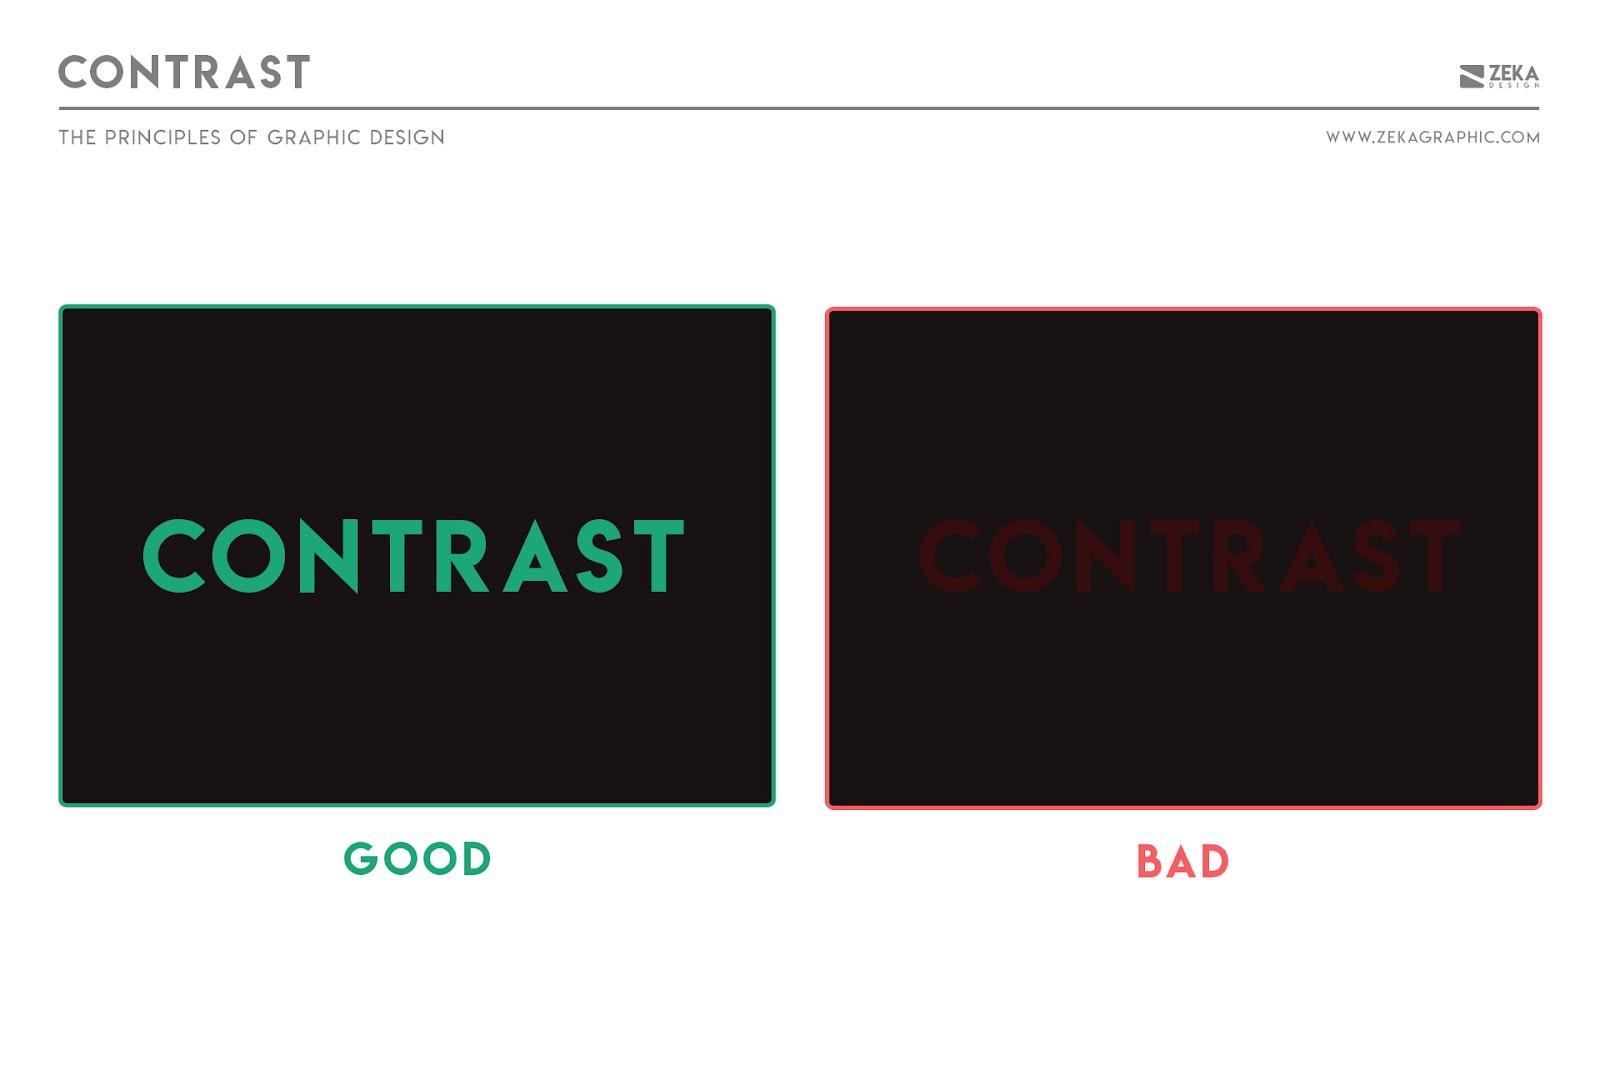 Nguyên tắc tương phản trong thiết kế đồ họa